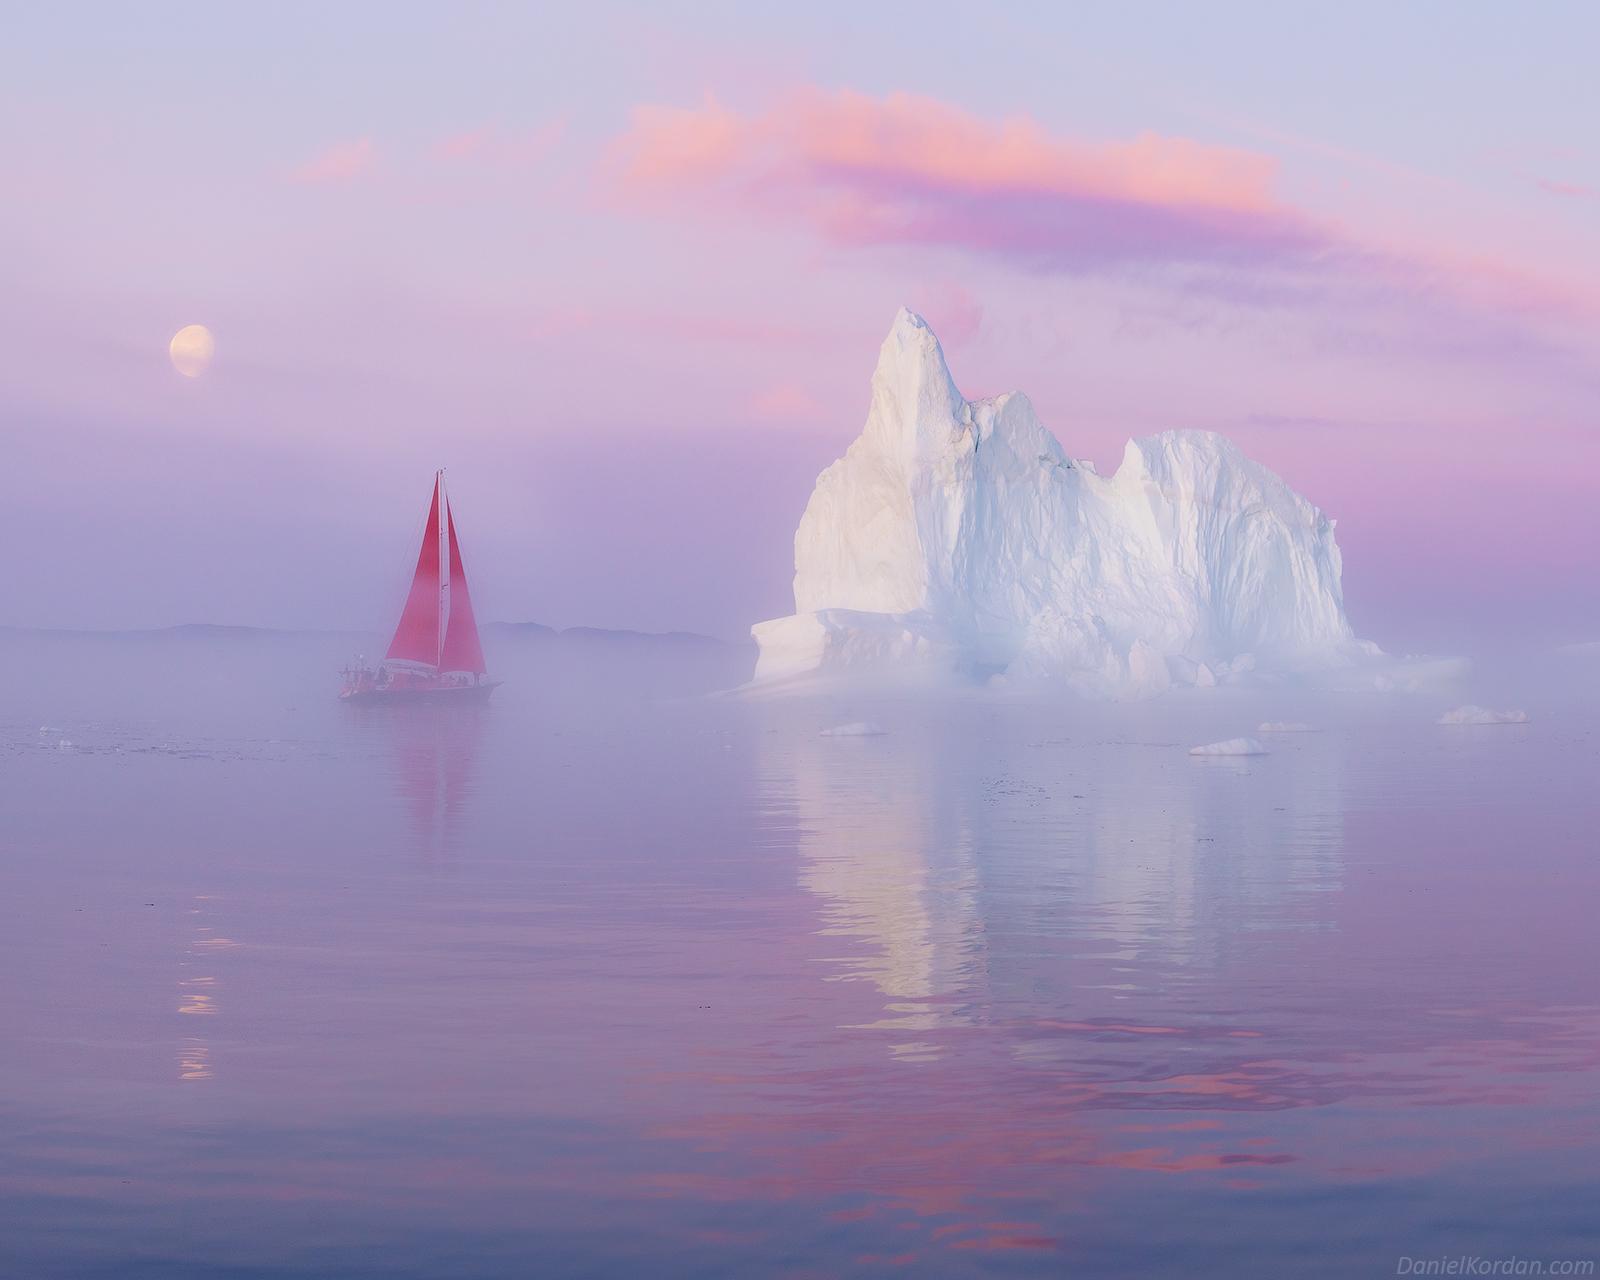 Red Sails in Greenland | Summer Photo Workshop